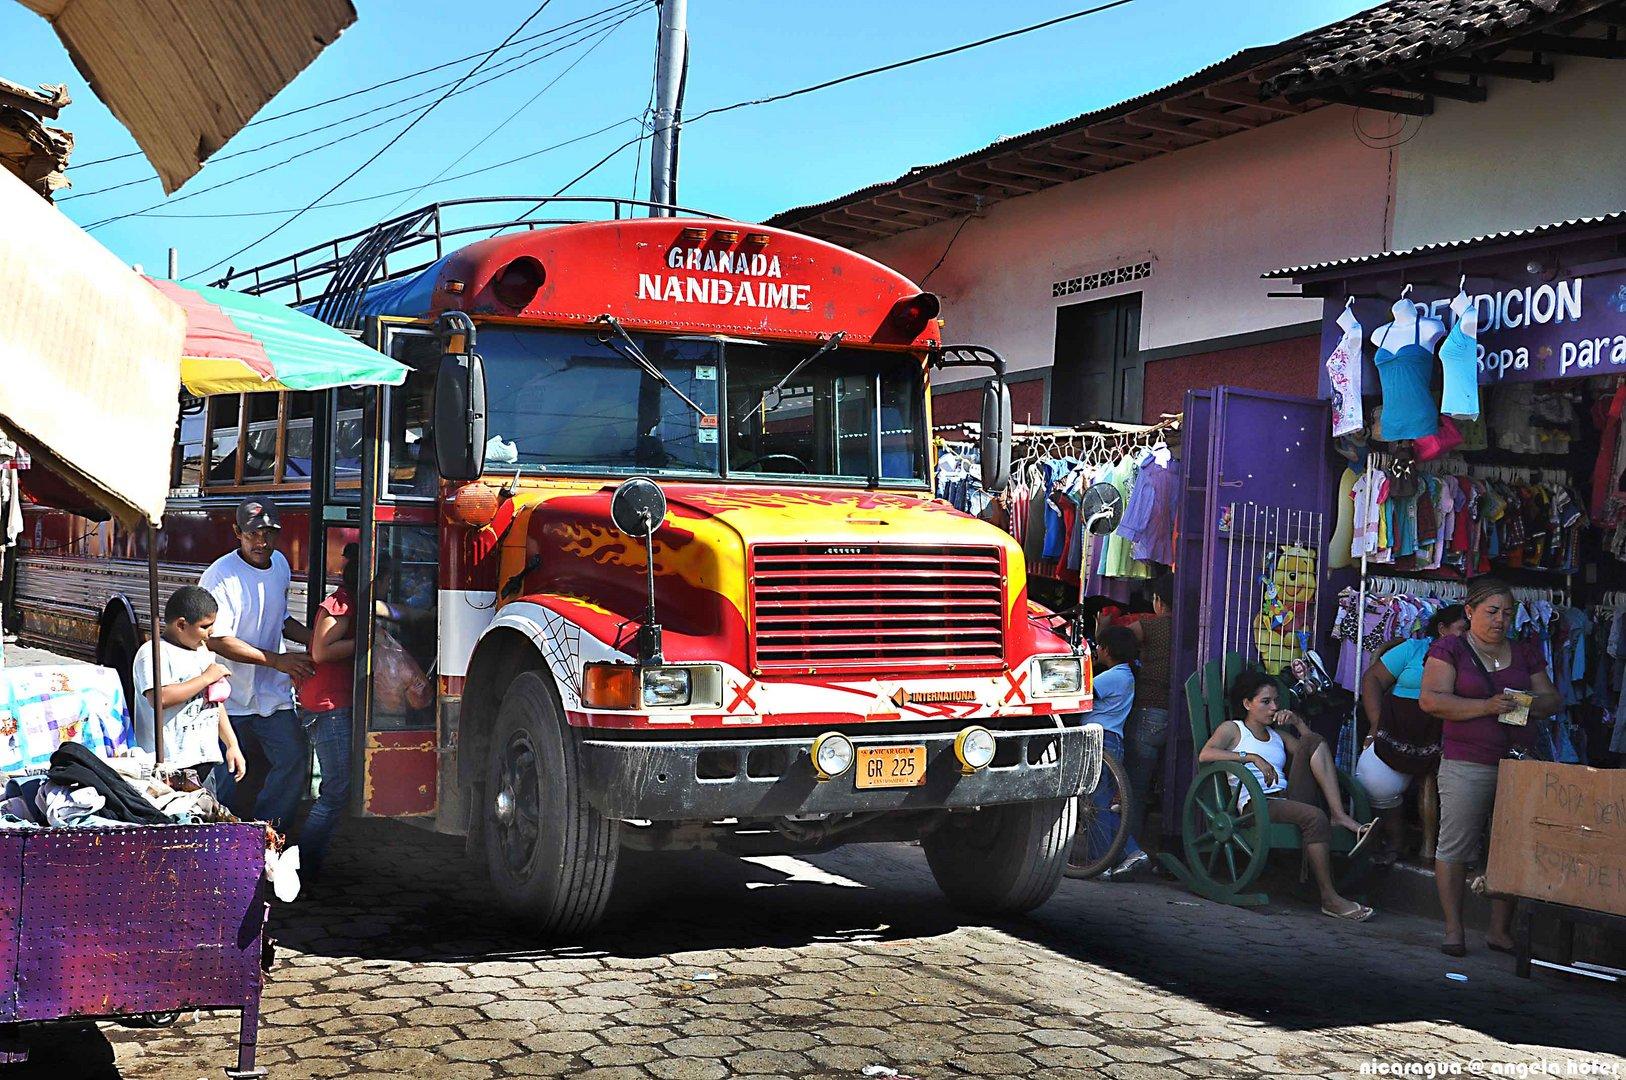 streetlife of nicaragua